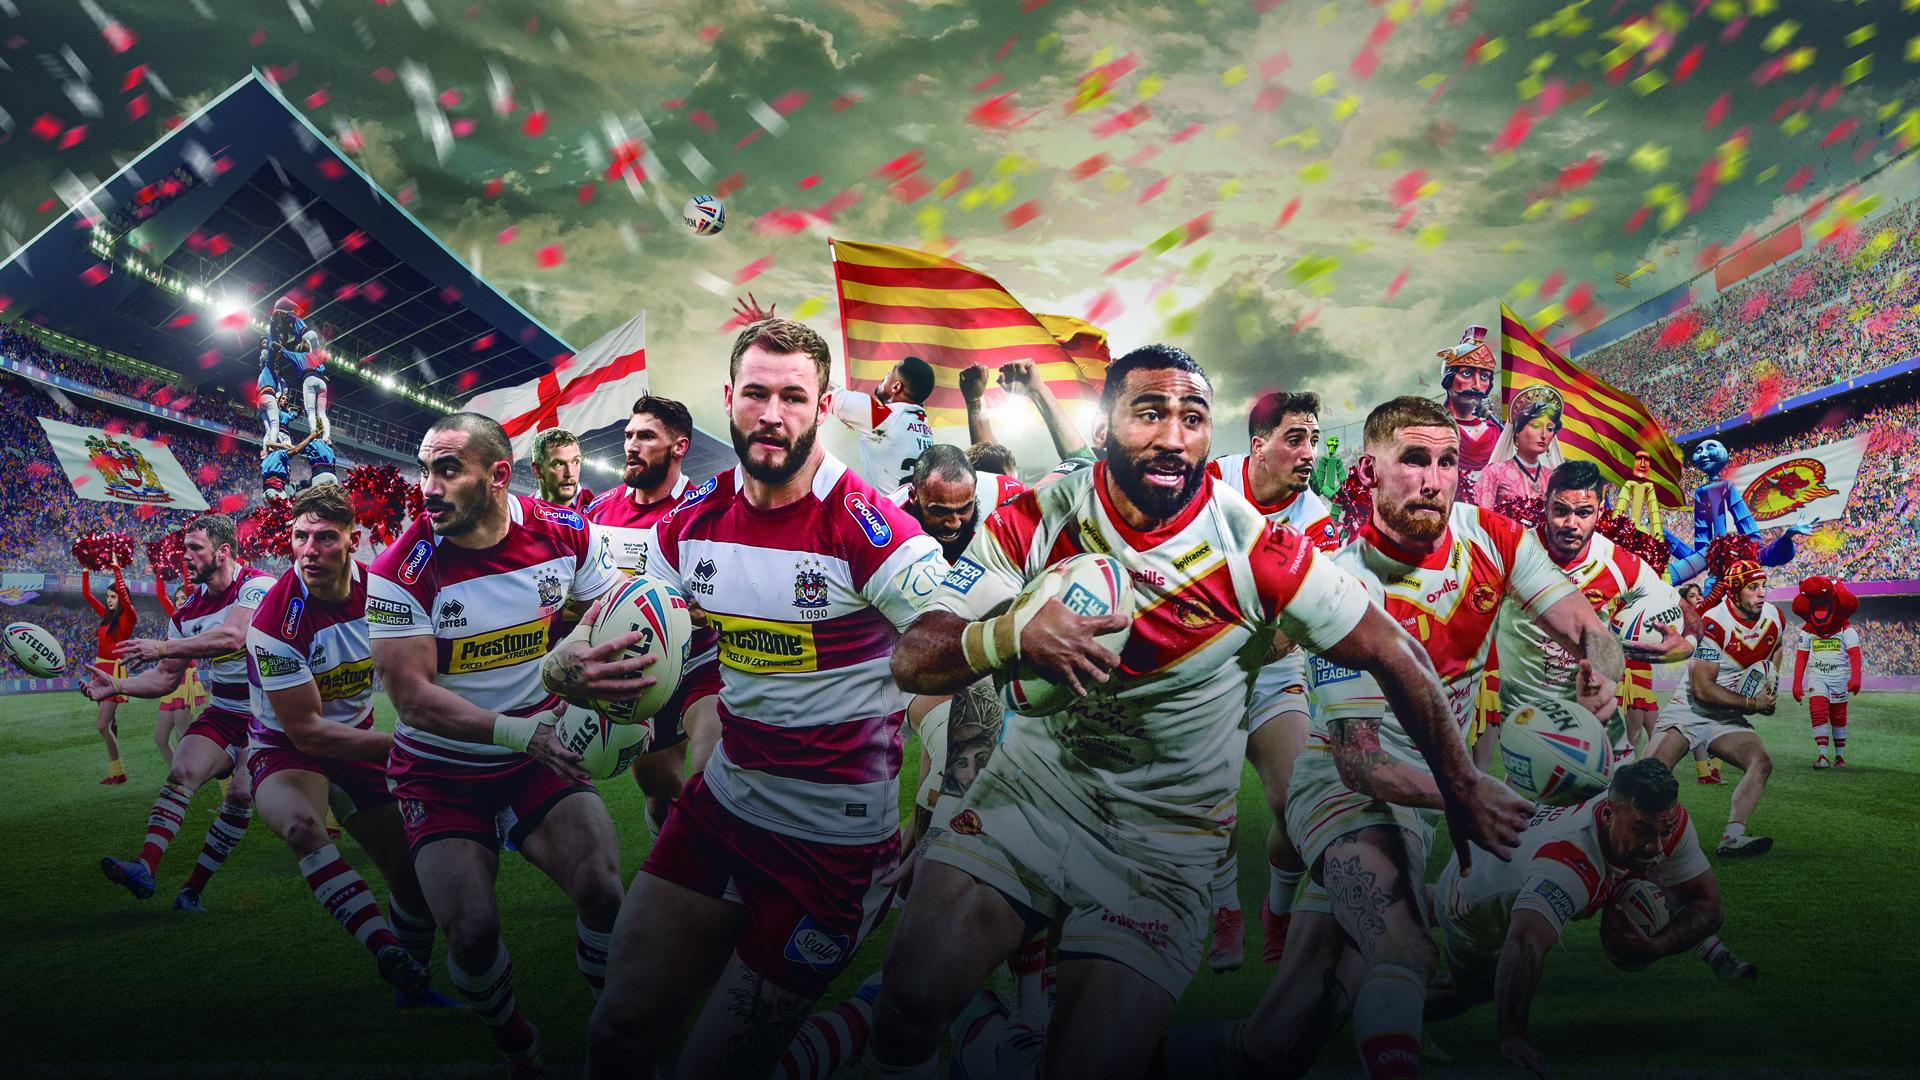 FC Barcelona - Partido de Rugby en el Camp Nou -